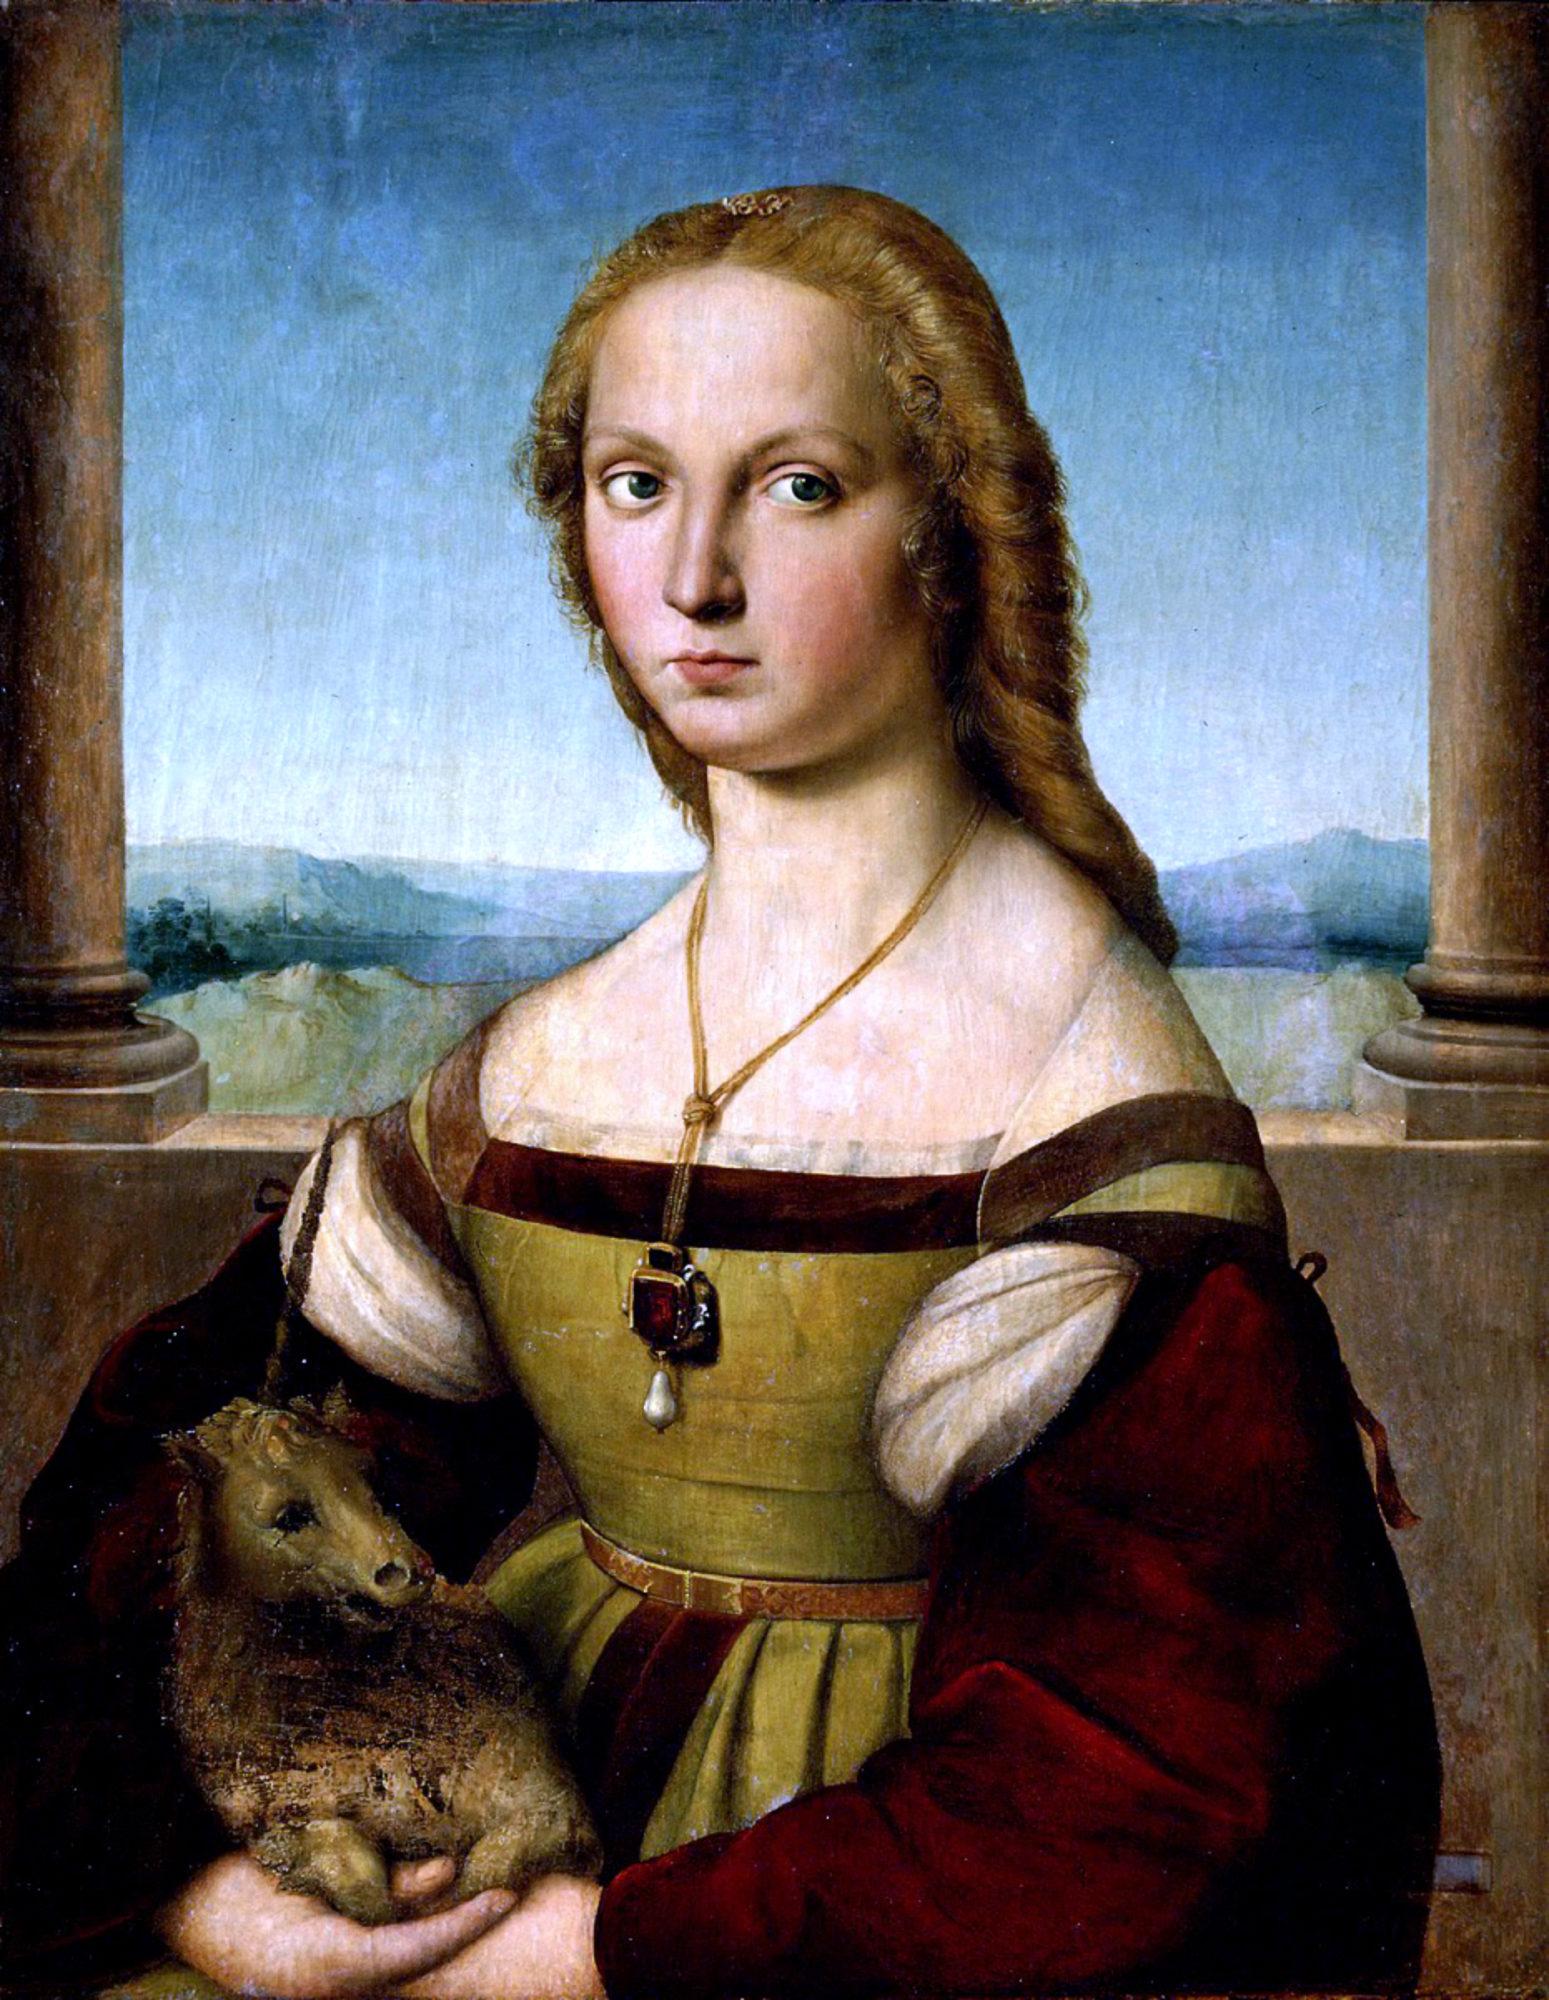 Дама с единорогом. Рафаэль Санти. 1505-1506 гг. Галерея Боргезе, Рим.